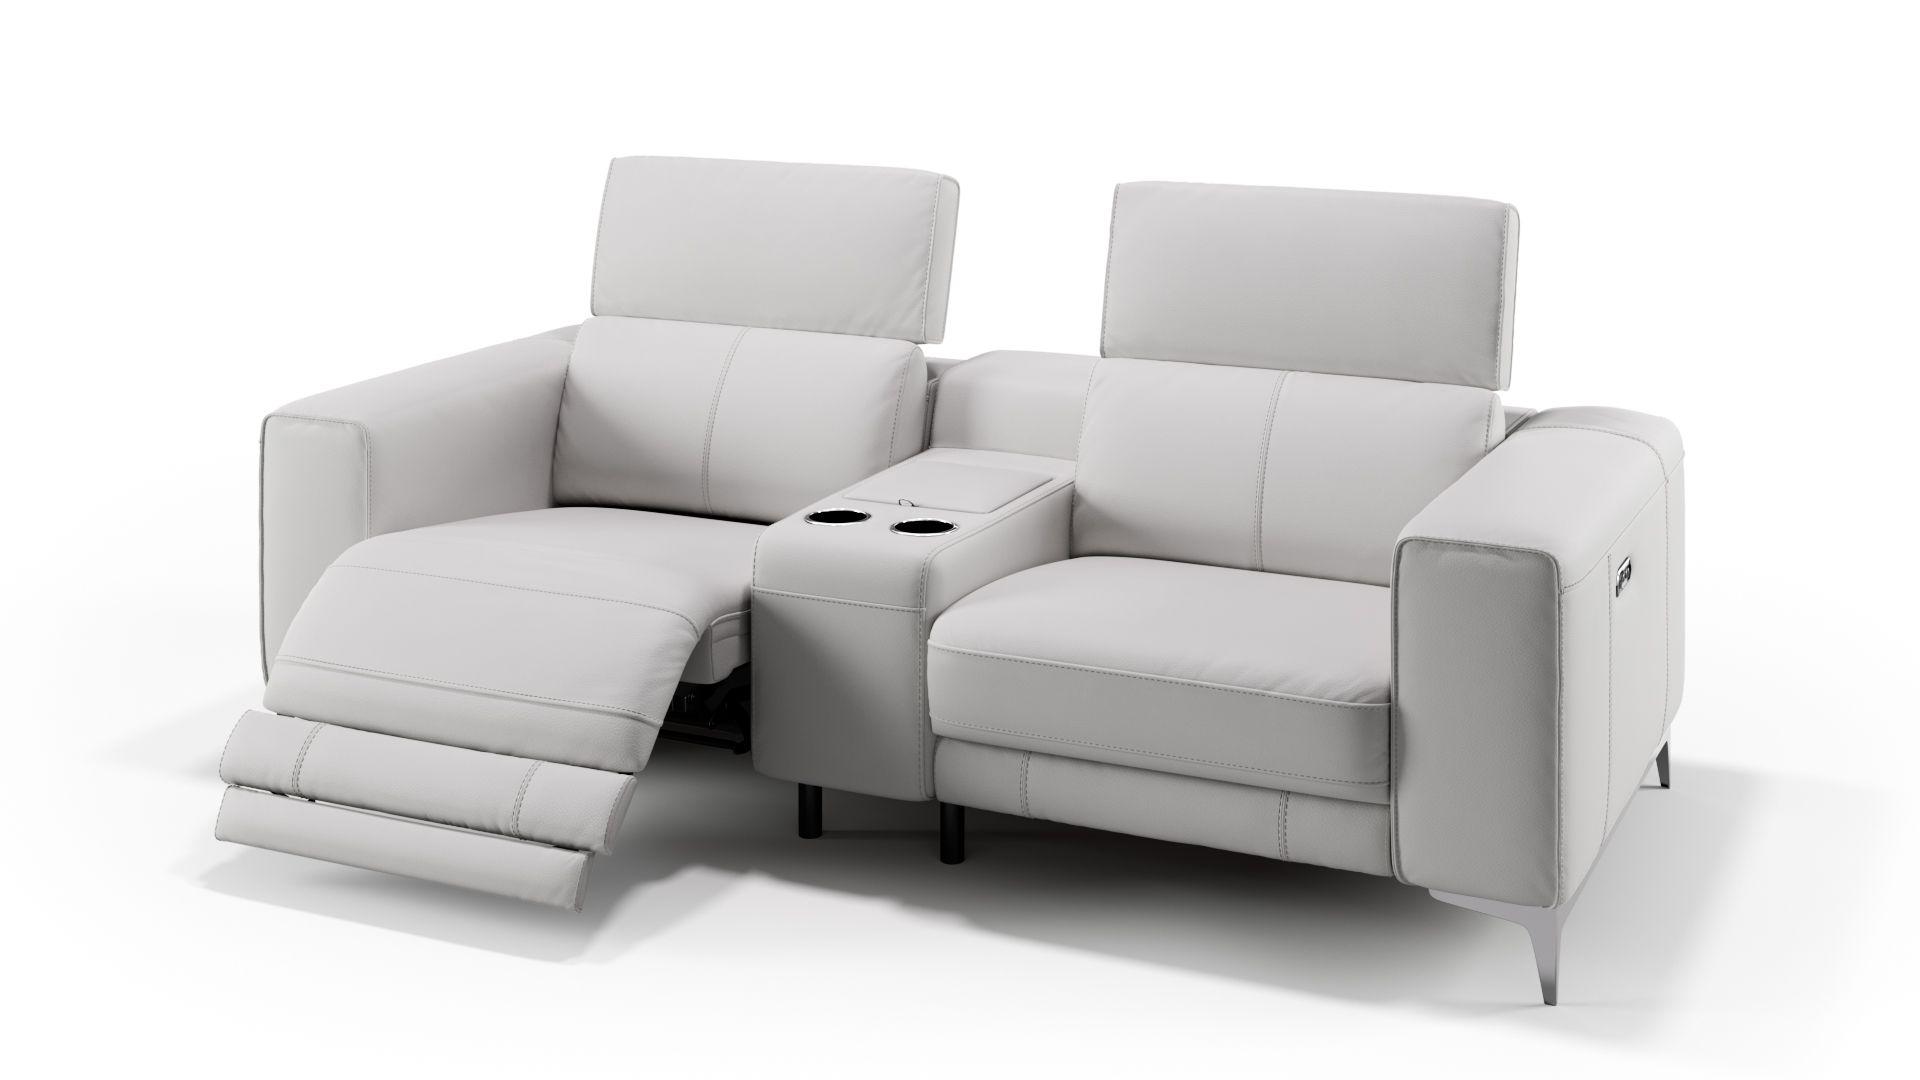 Leder 2-Sitzer Kinosofa mit einer Mittelkonsole CUPELLO